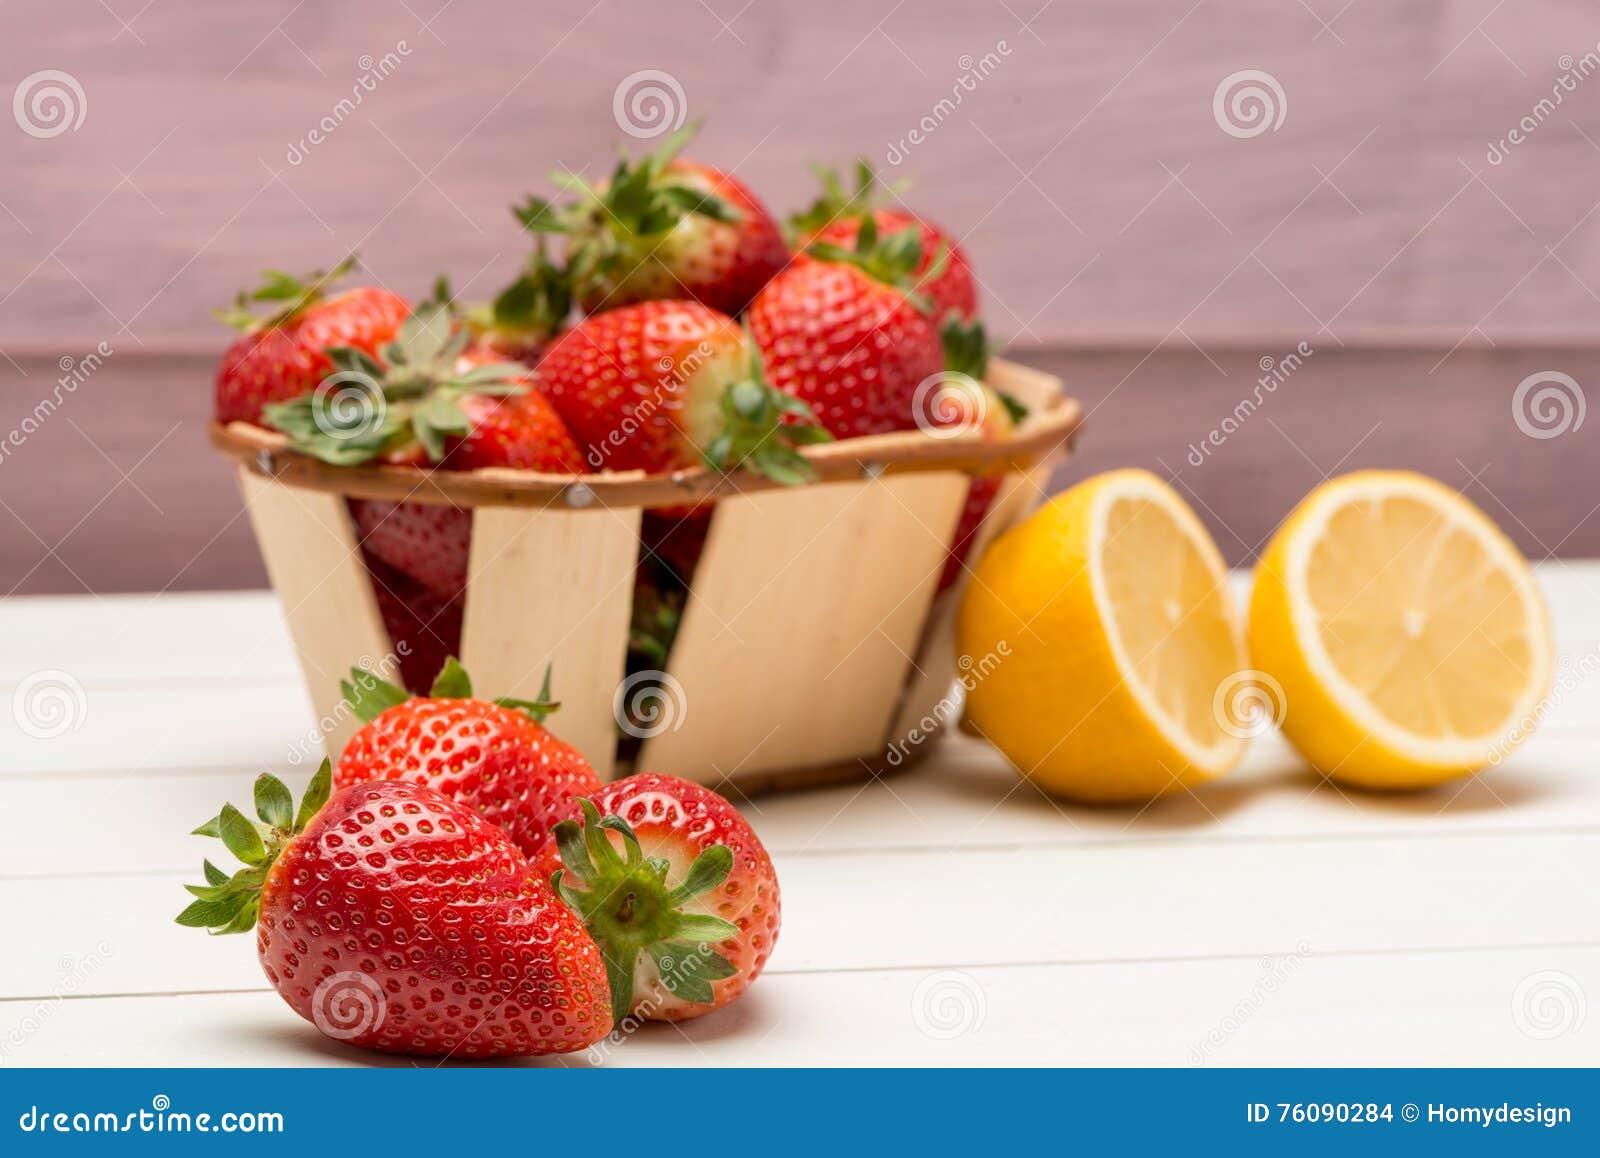 Fraises dans un petits panier et citron